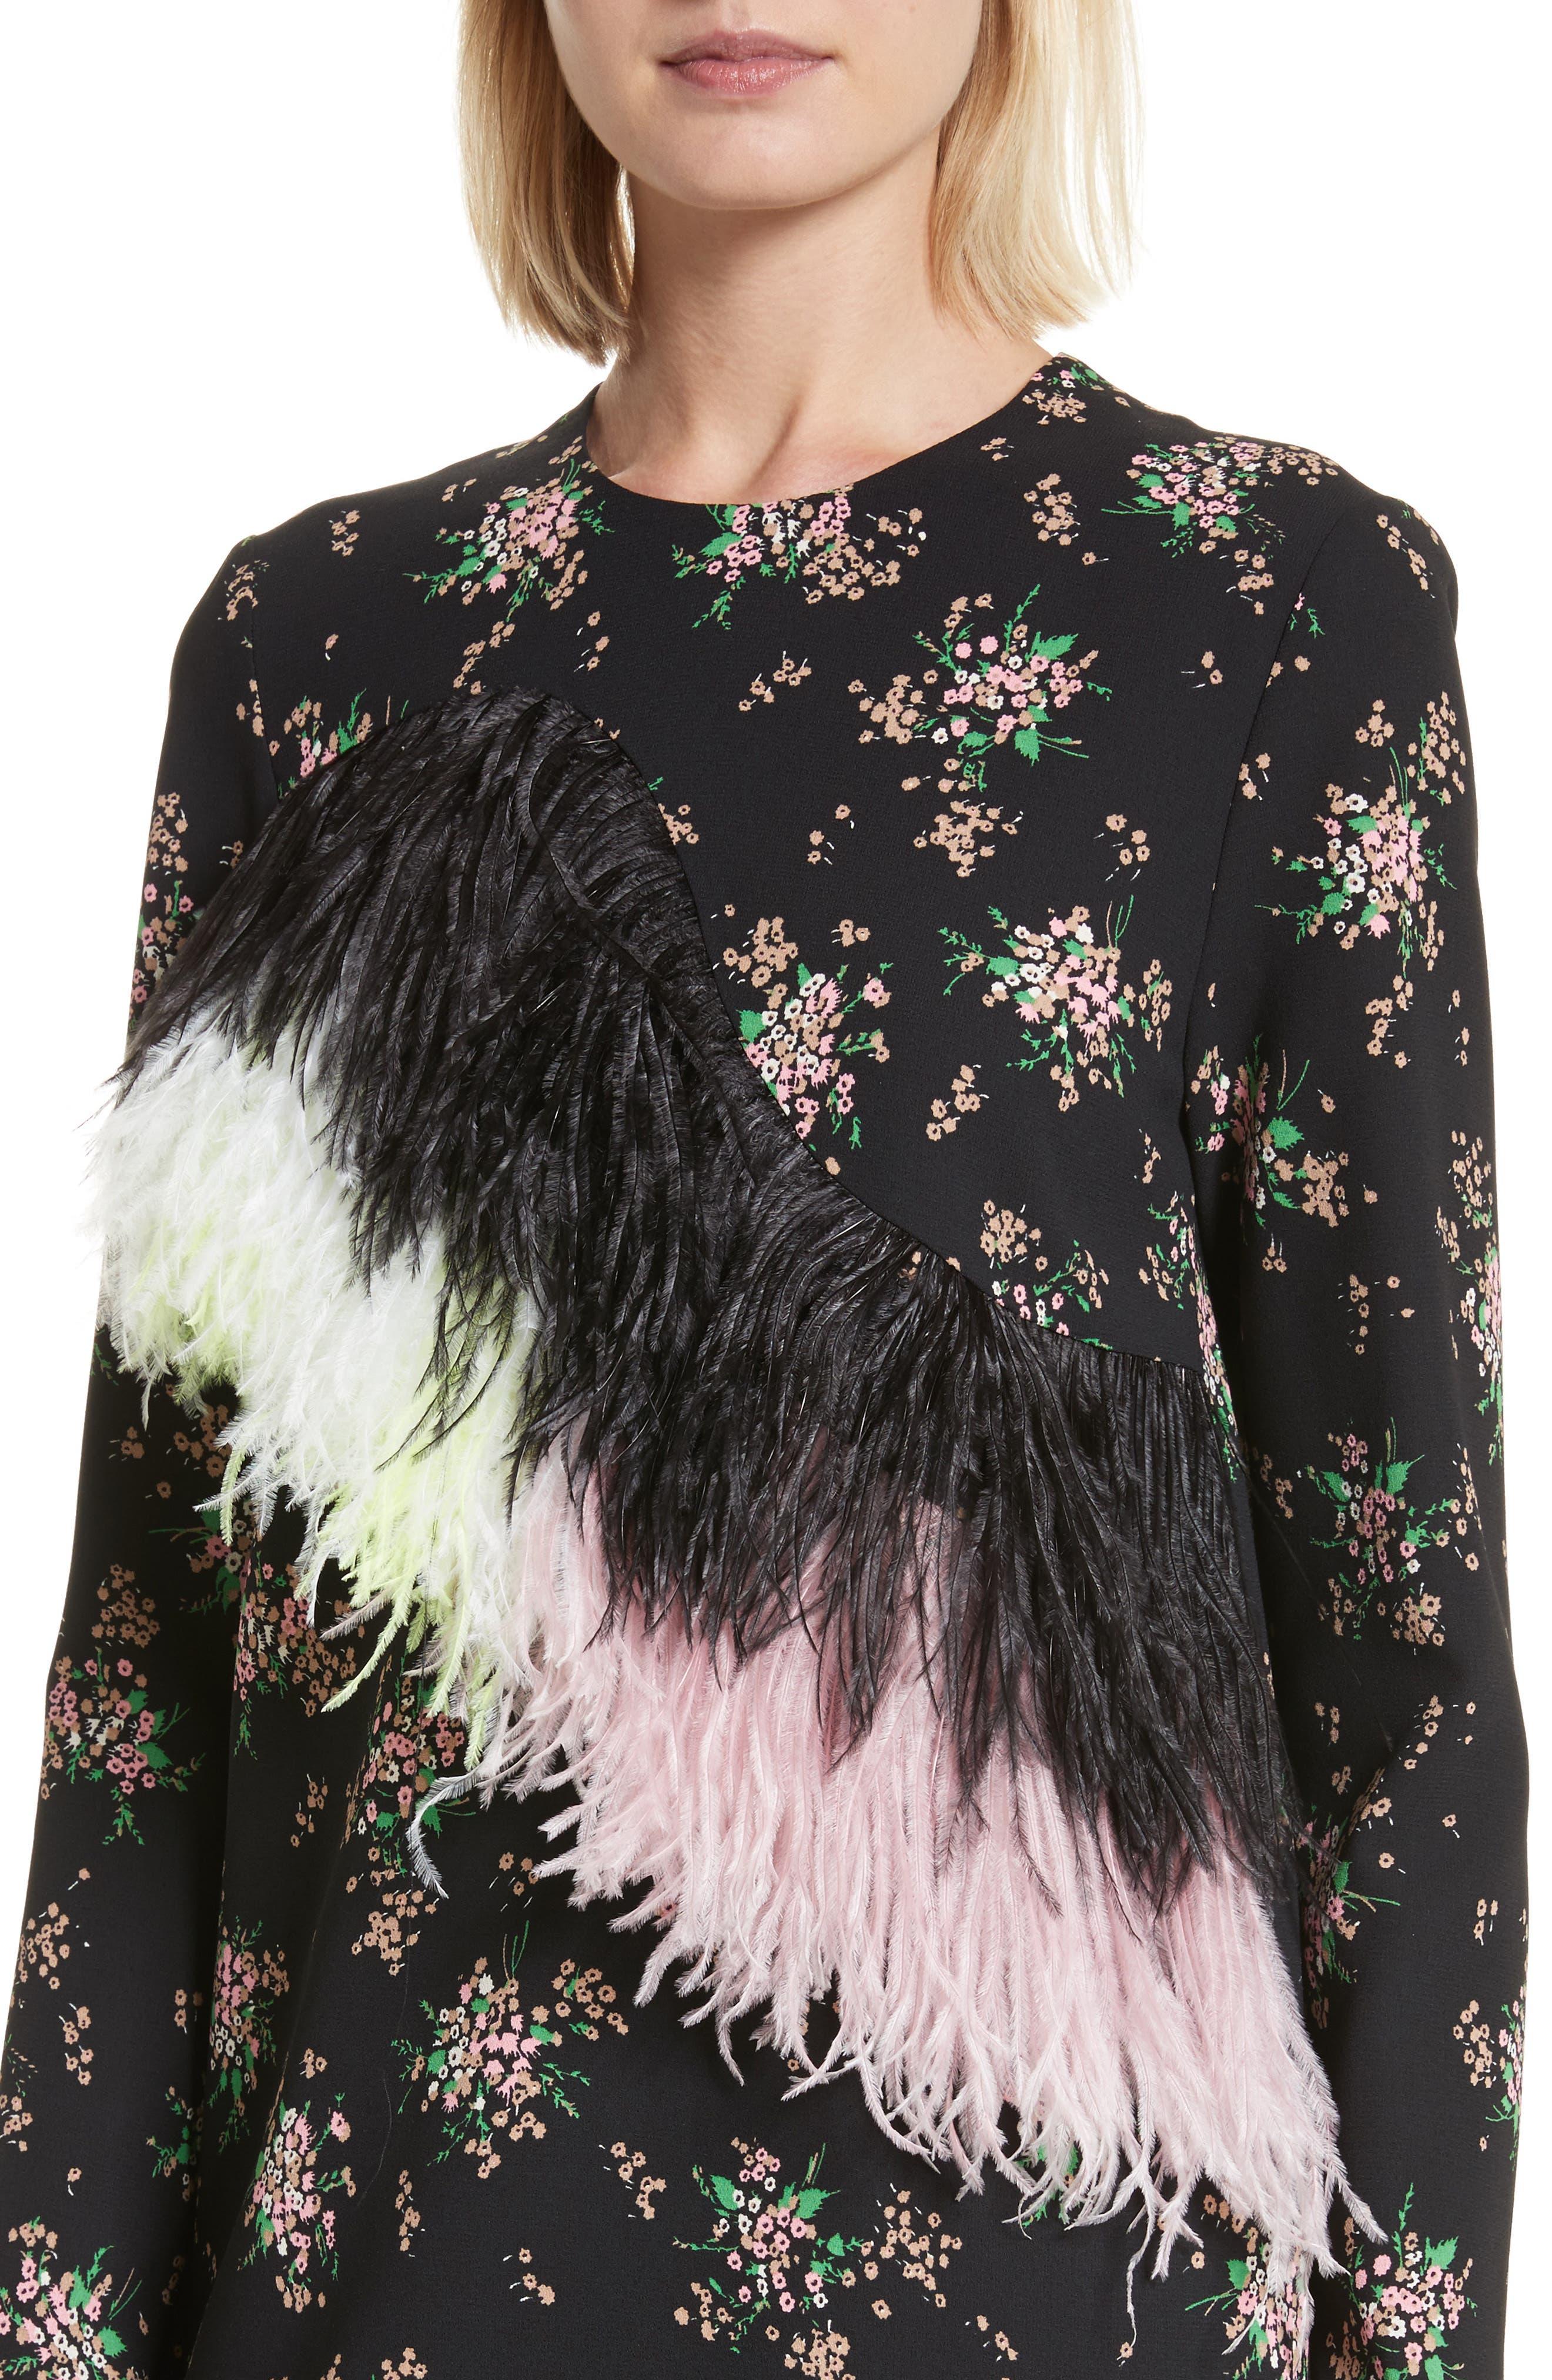 Ostrich Feather Trim Floral Print Dress,                             Alternate thumbnail 4, color,                             Black